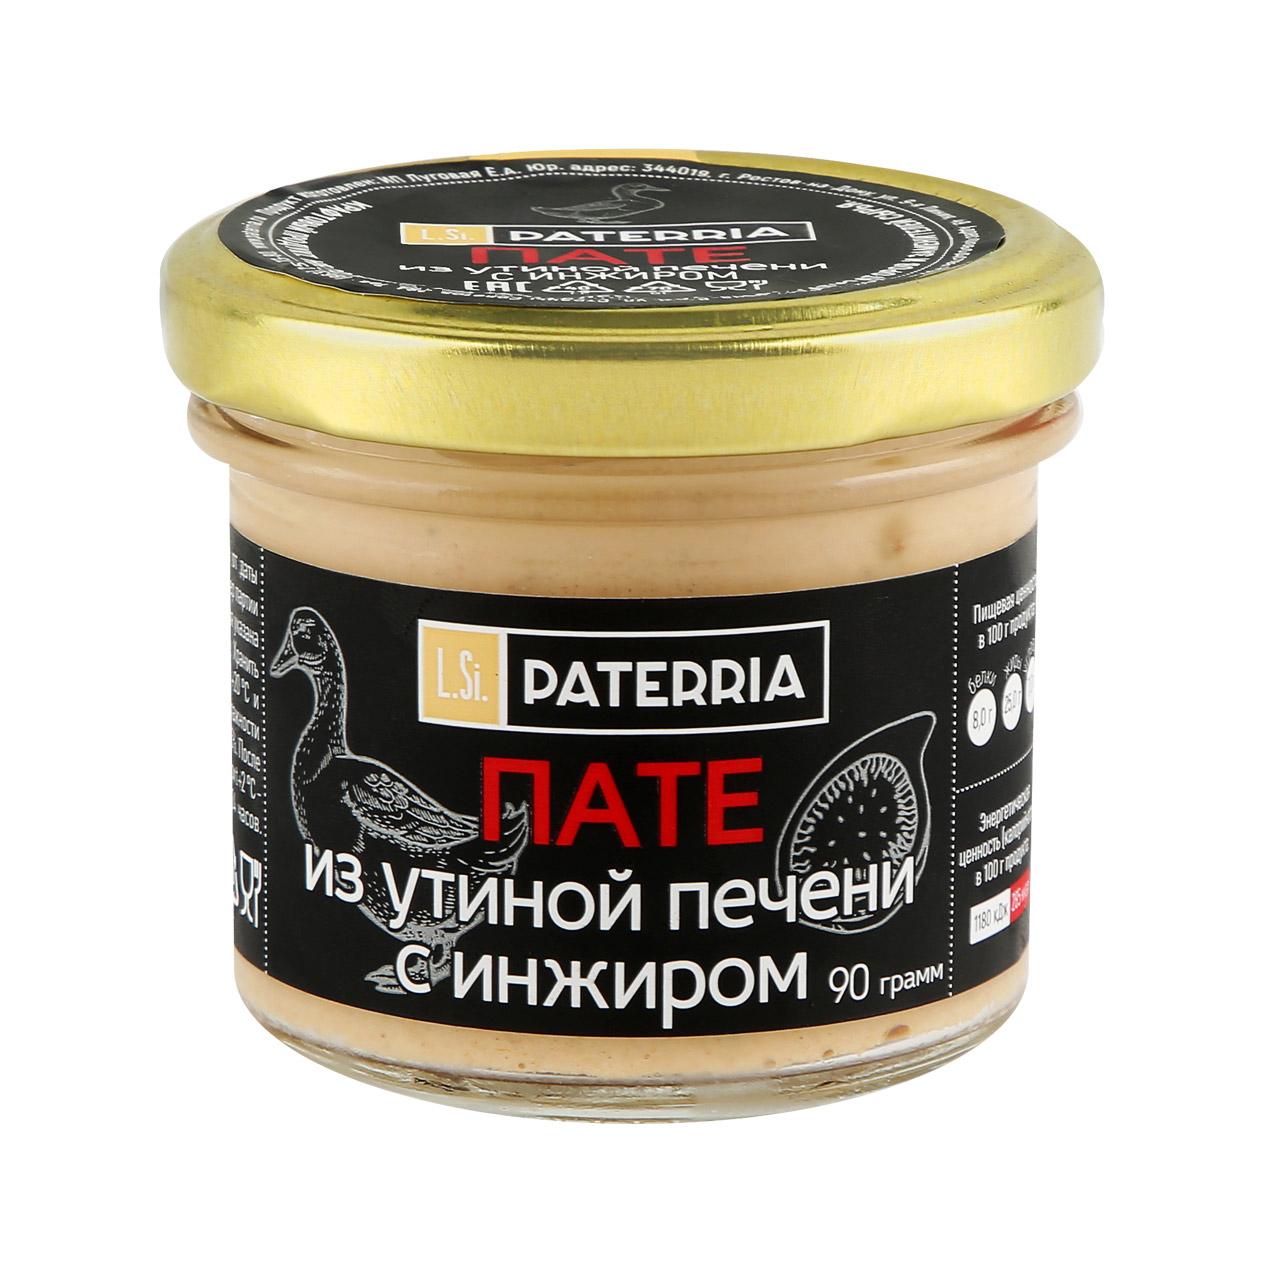 Пате Paterria из утиной печени с инжиром 90 г фото